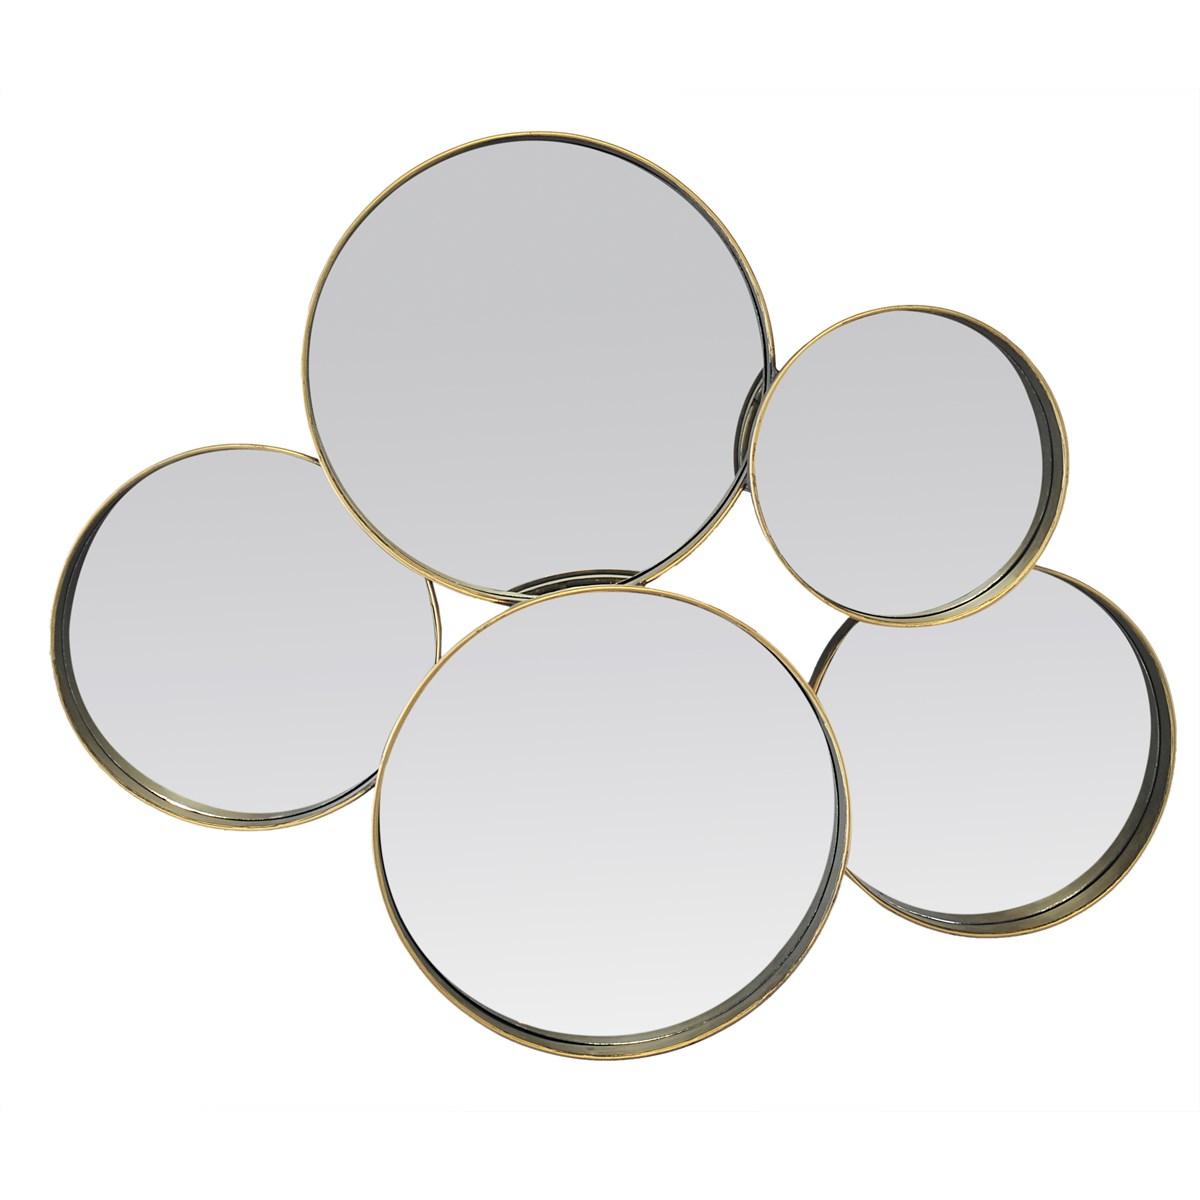 Miroir multi rond en métal noir 6x60x11